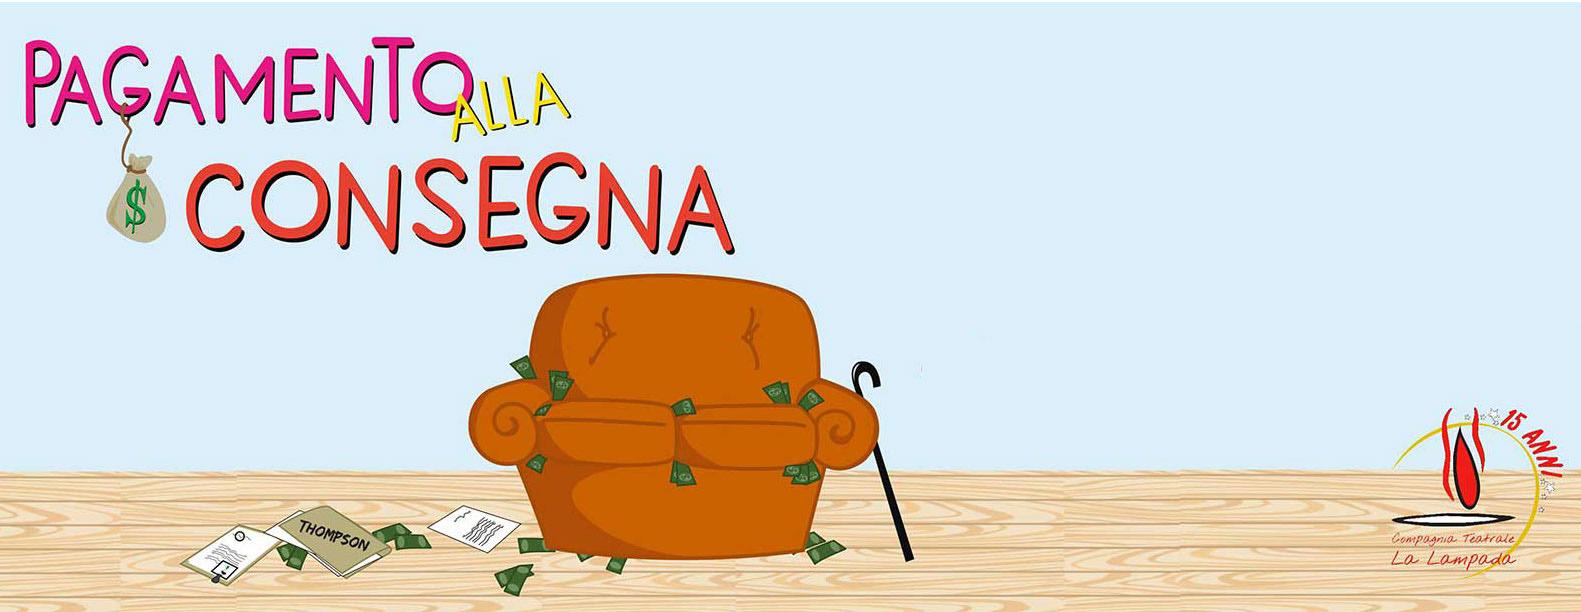 PAGAMENTO-ALLA-CONSEGNA-COPERTINA